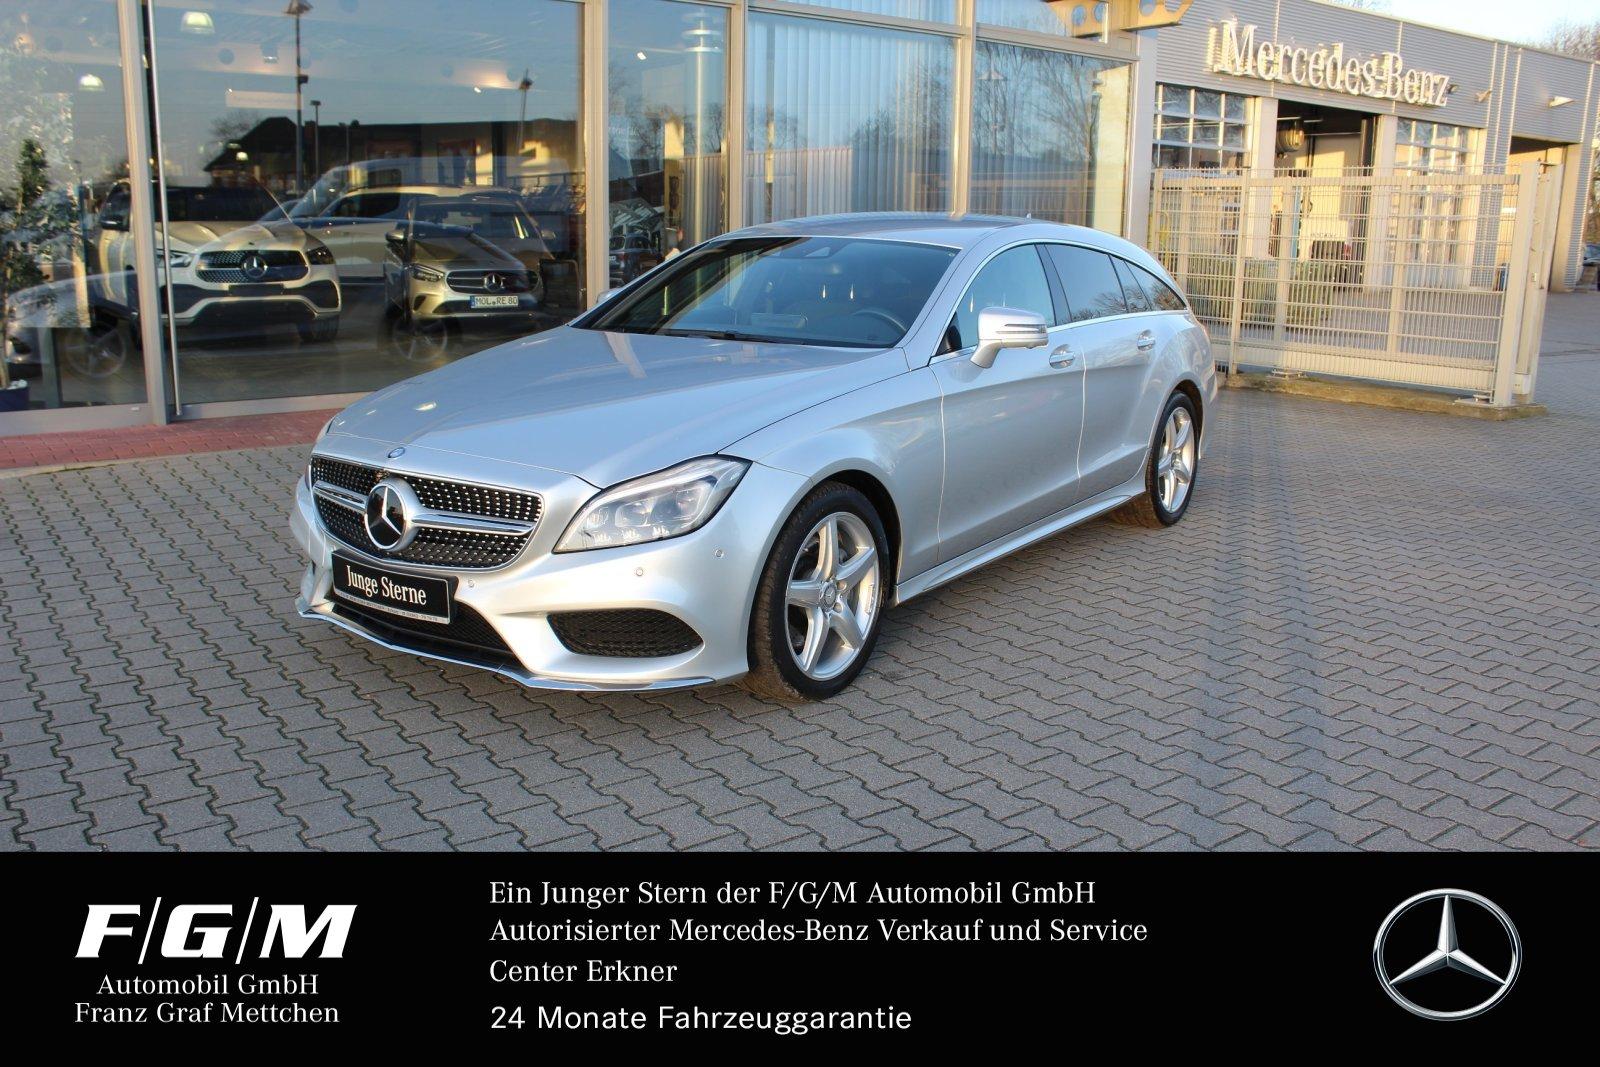 Mercedes-Benz CLS 400 4M SB AMG/COM/ILS/Distr/KeyGo/Standheizu, Jahr 2015, petrol